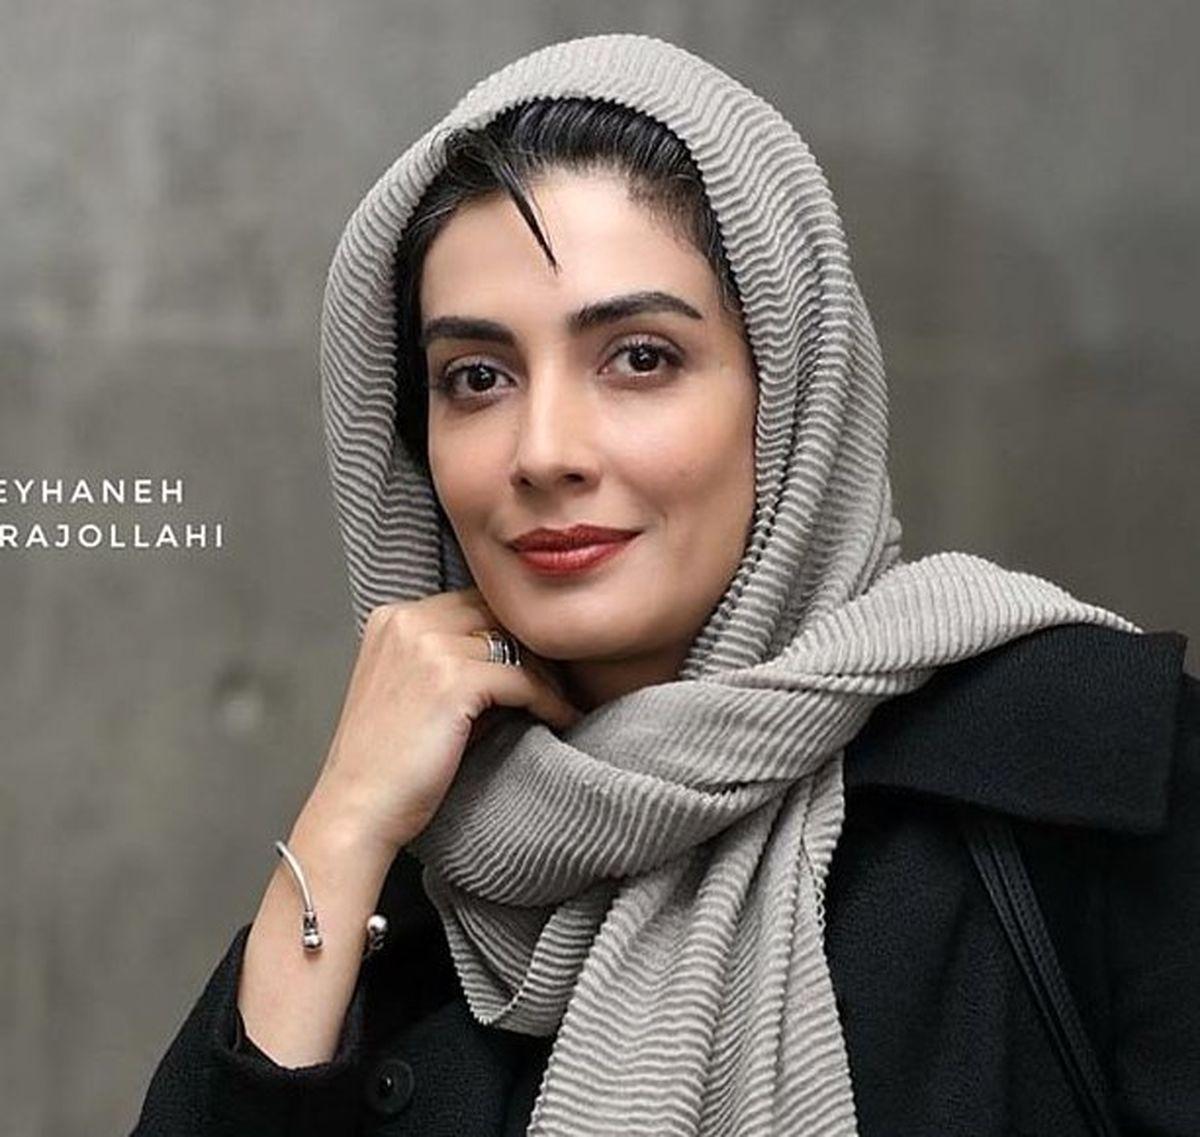 بیوگرافی خواندنی لیلا زارع بازیگر محبوب + تصاویر